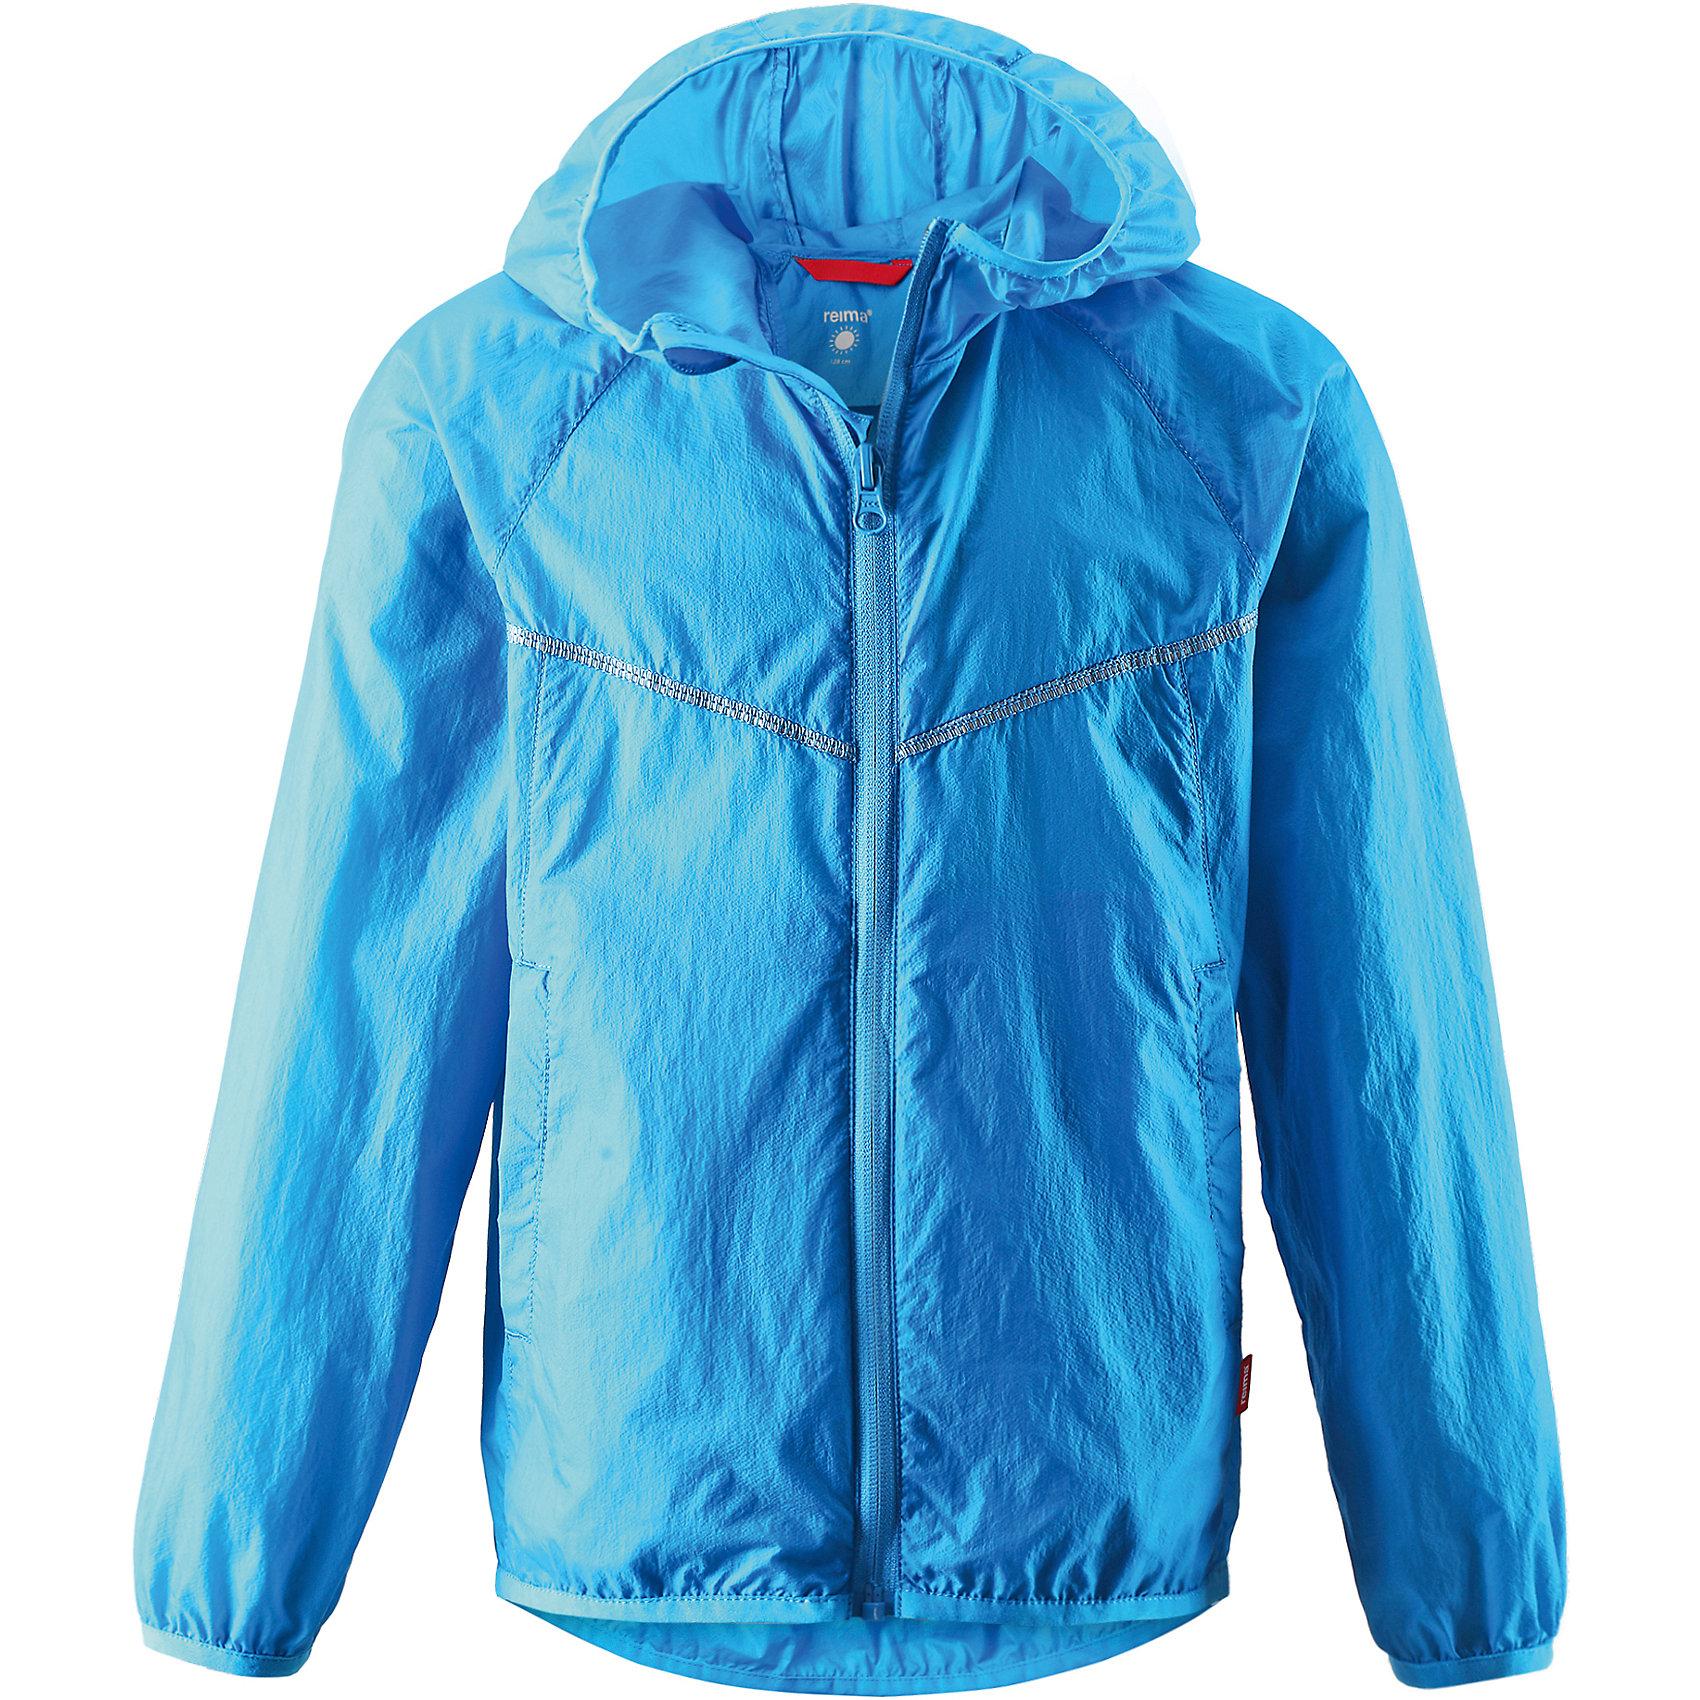 Куртка ReimaОдежда<br>Куртка от финской марки Reima.<br>*Куртка для подростков*Облегченный материал!*Эластичная резинка на кромке капюшона, манжетах и подоле*Возможность сложить куртку в ее собственный карман*Два боковых кармана<br>Состав:<br>100% ПА<br><br>Ширина мм: 356<br>Глубина мм: 10<br>Высота мм: 245<br>Вес г: 519<br>Цвет: голубой<br>Возраст от месяцев: 48<br>Возраст до месяцев: 60<br>Пол: Унисекс<br>Возраст: Детский<br>Размер: 110,104,134,140,128,116,122<br>SKU: 4631557